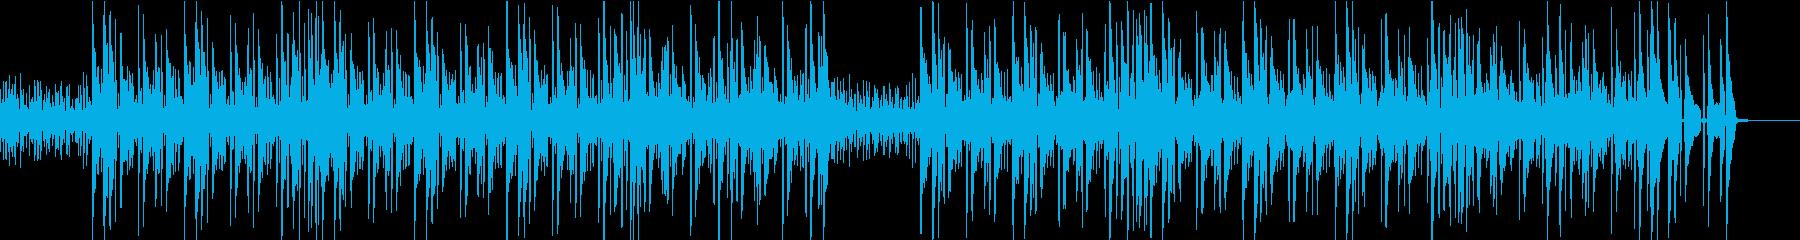 シンプルで軽快なジャズの再生済みの波形